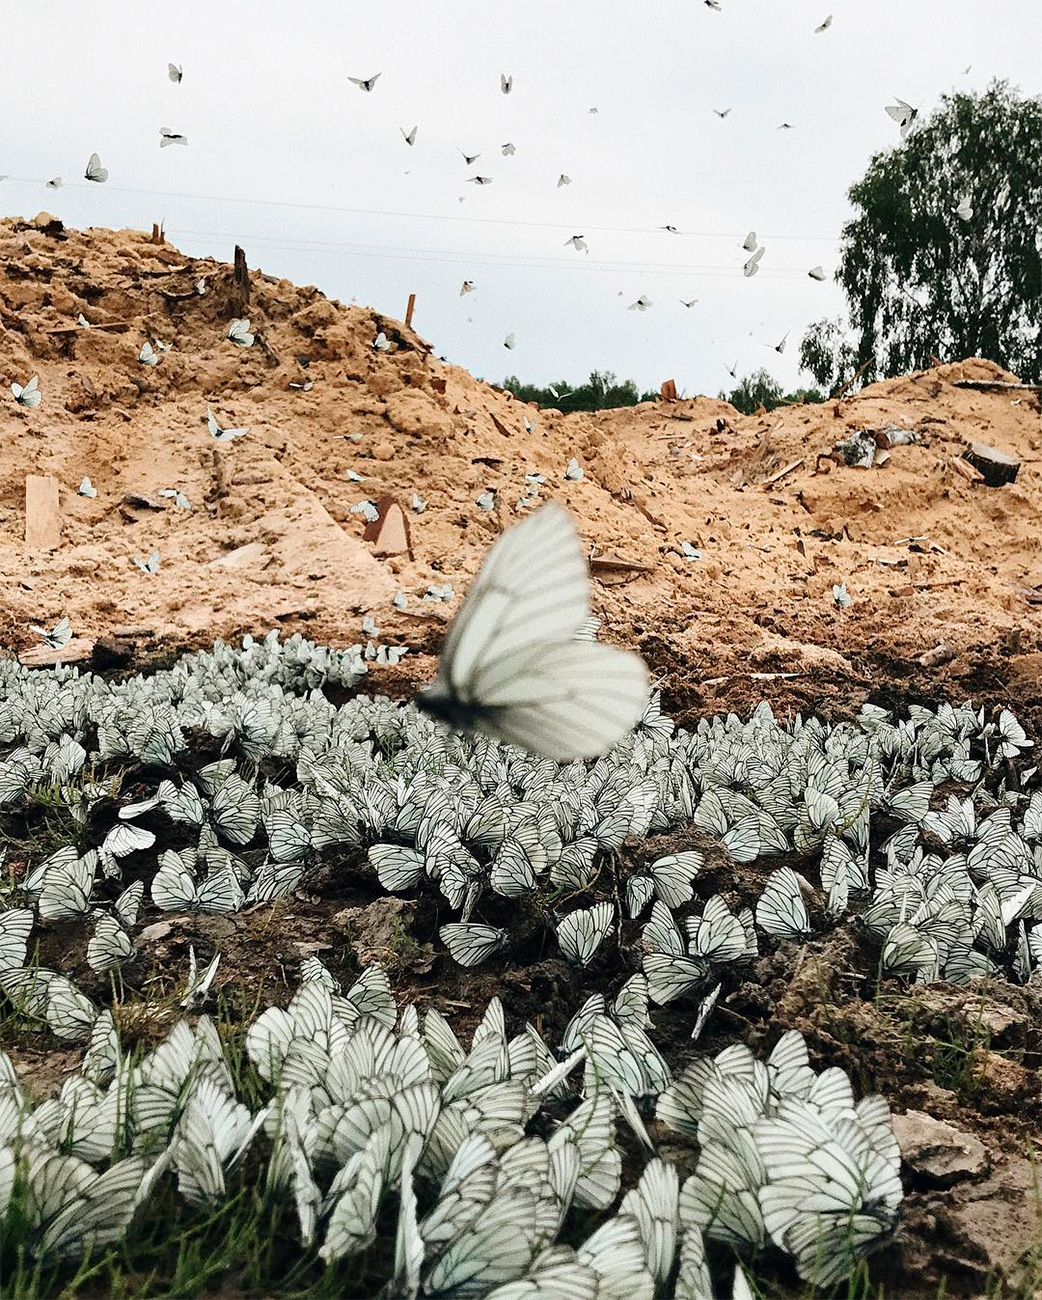 """Лав Вартапетов из Руске академије наука верује да је хладно пролеће скратило и """"концентрисало"""" животни циклус лептира почетком јуна. """"Хиљаде врста се окупља у близини бара и потока"""", додаје."""